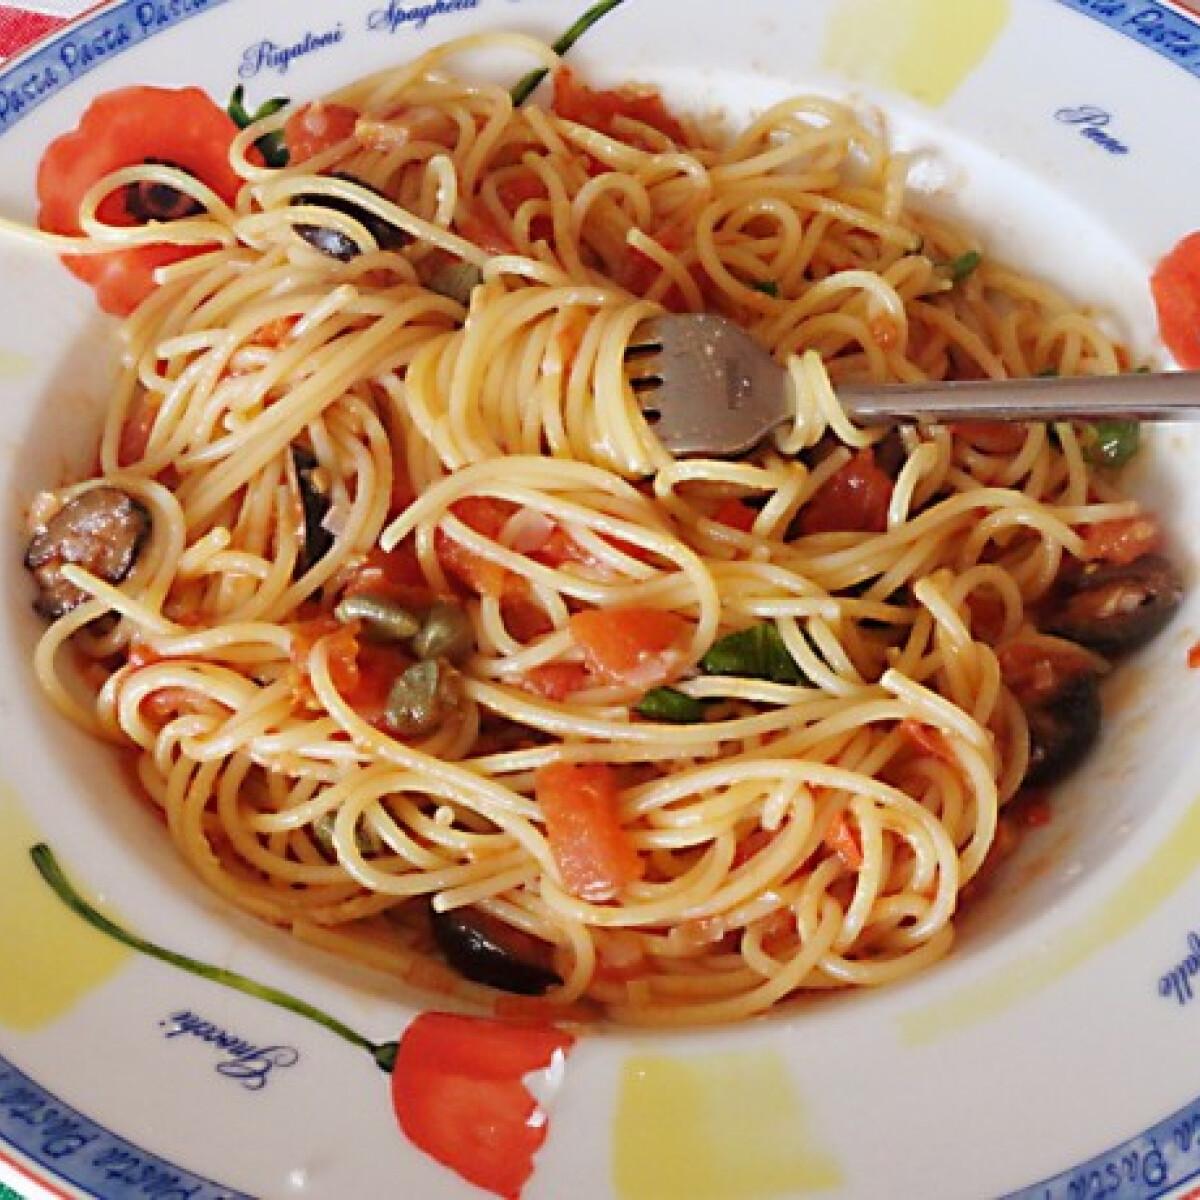 Ezen a képen: Spaghetti alla puttanesca Glaser konyhájából